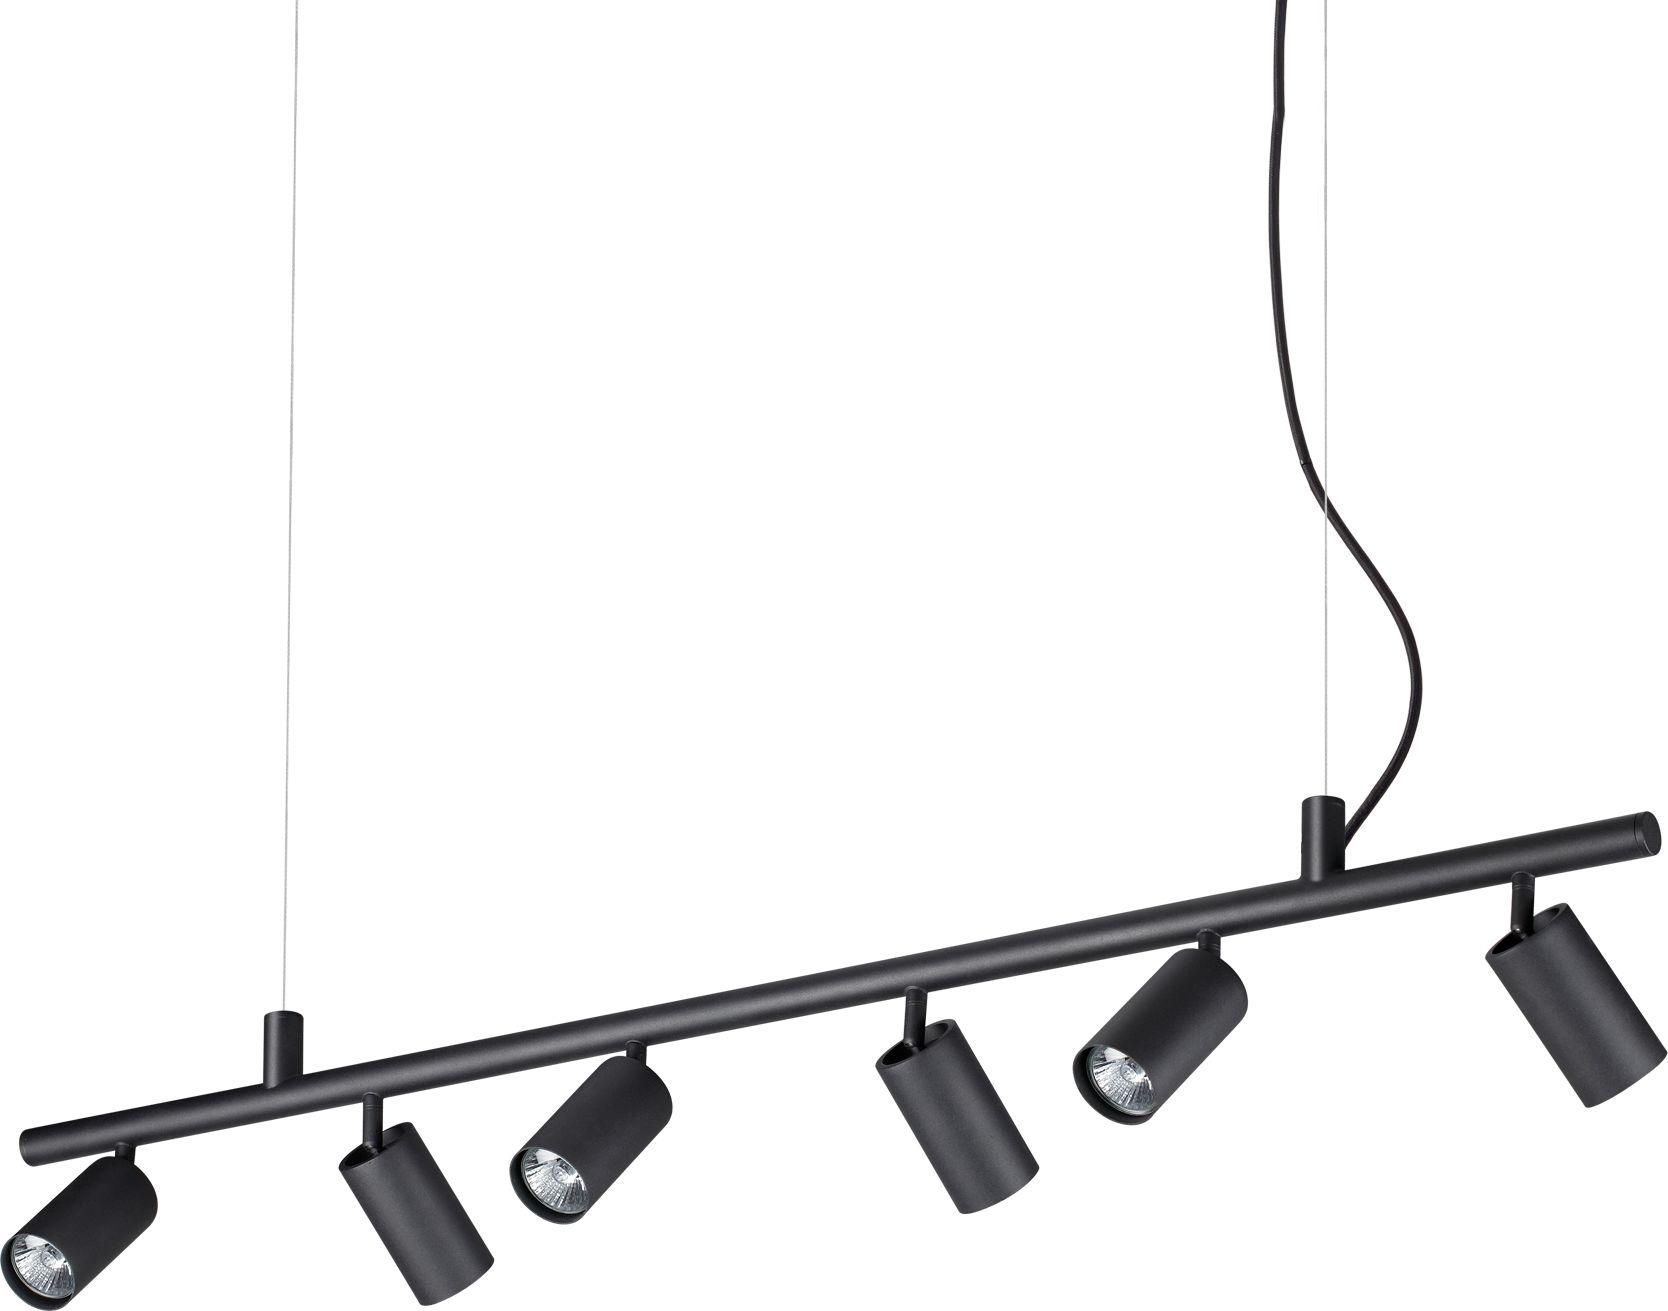 Lampa wisząca Dynamite 231396 Ideal Lux nowoczesna lampa w kolorze czarnym